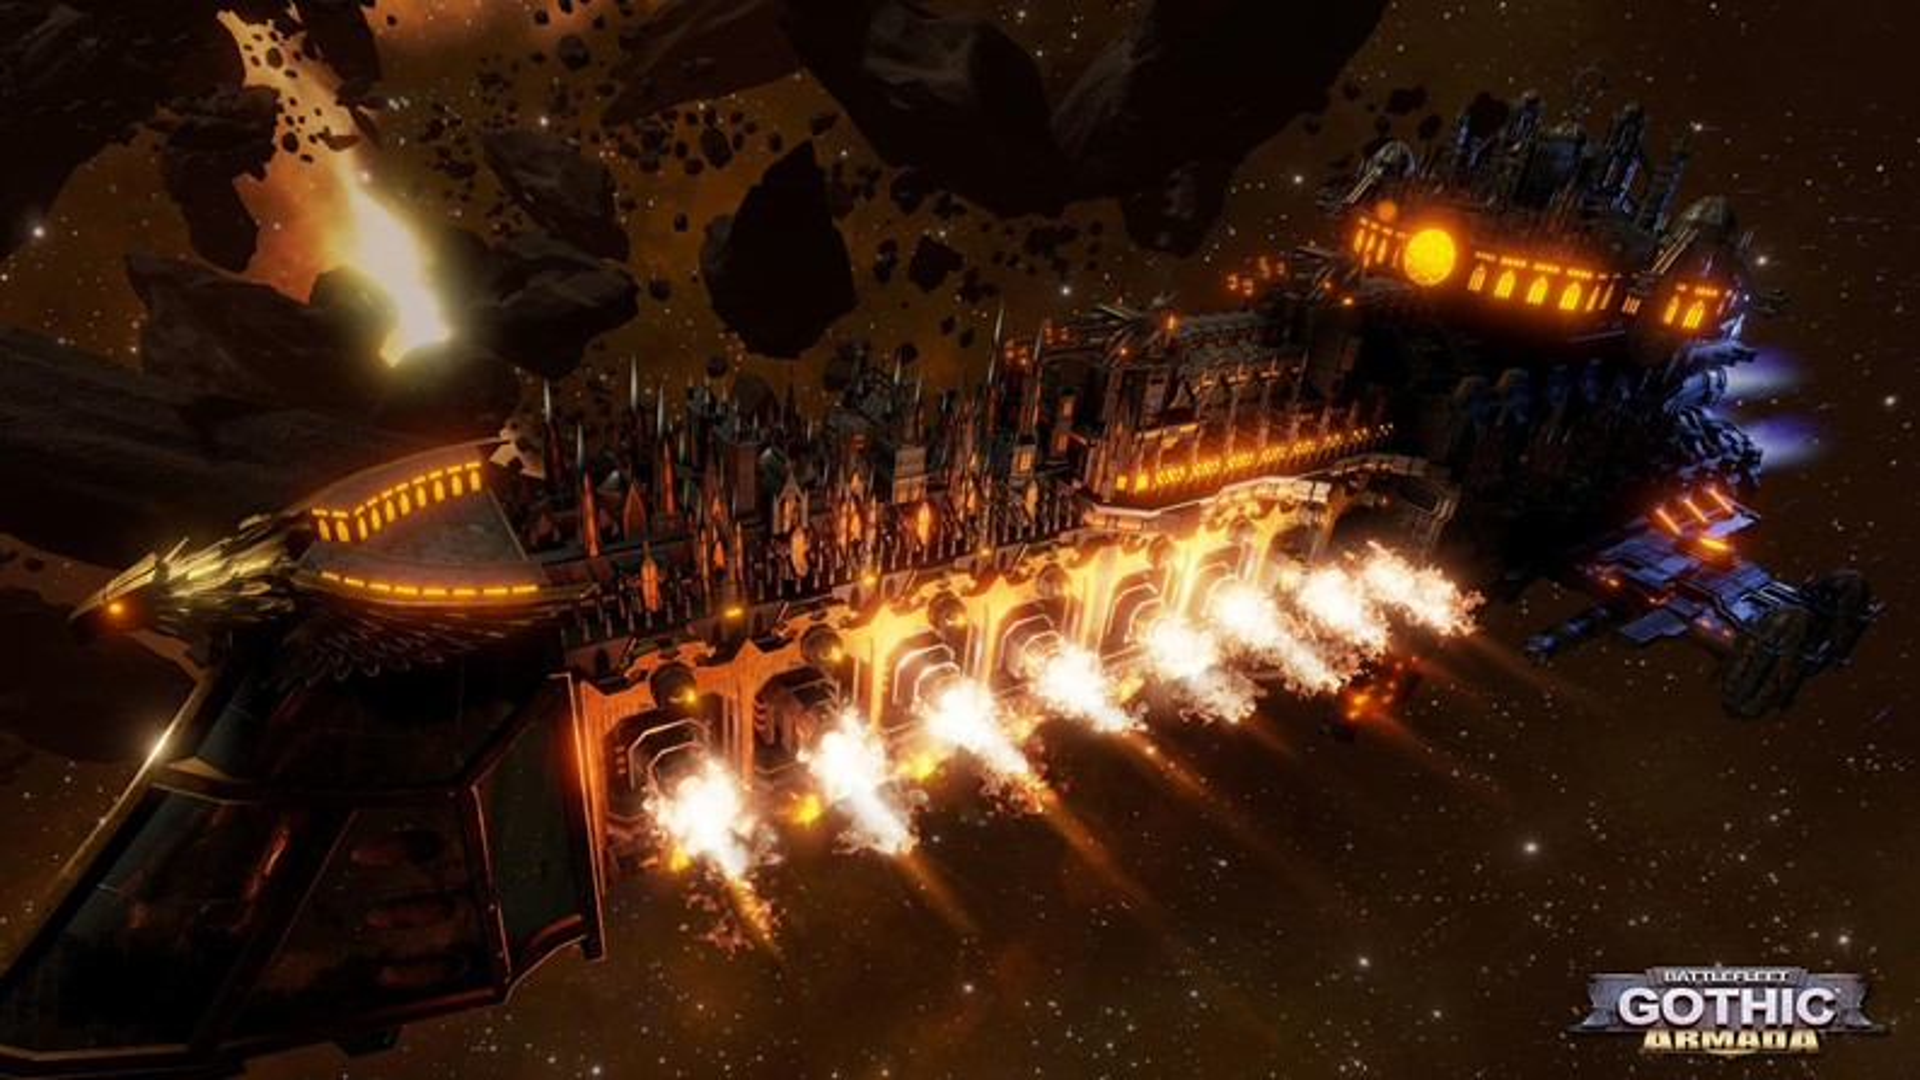 No espaço: Battlefleet Gothic: Armada é RTS que usa Unreal Engine 4